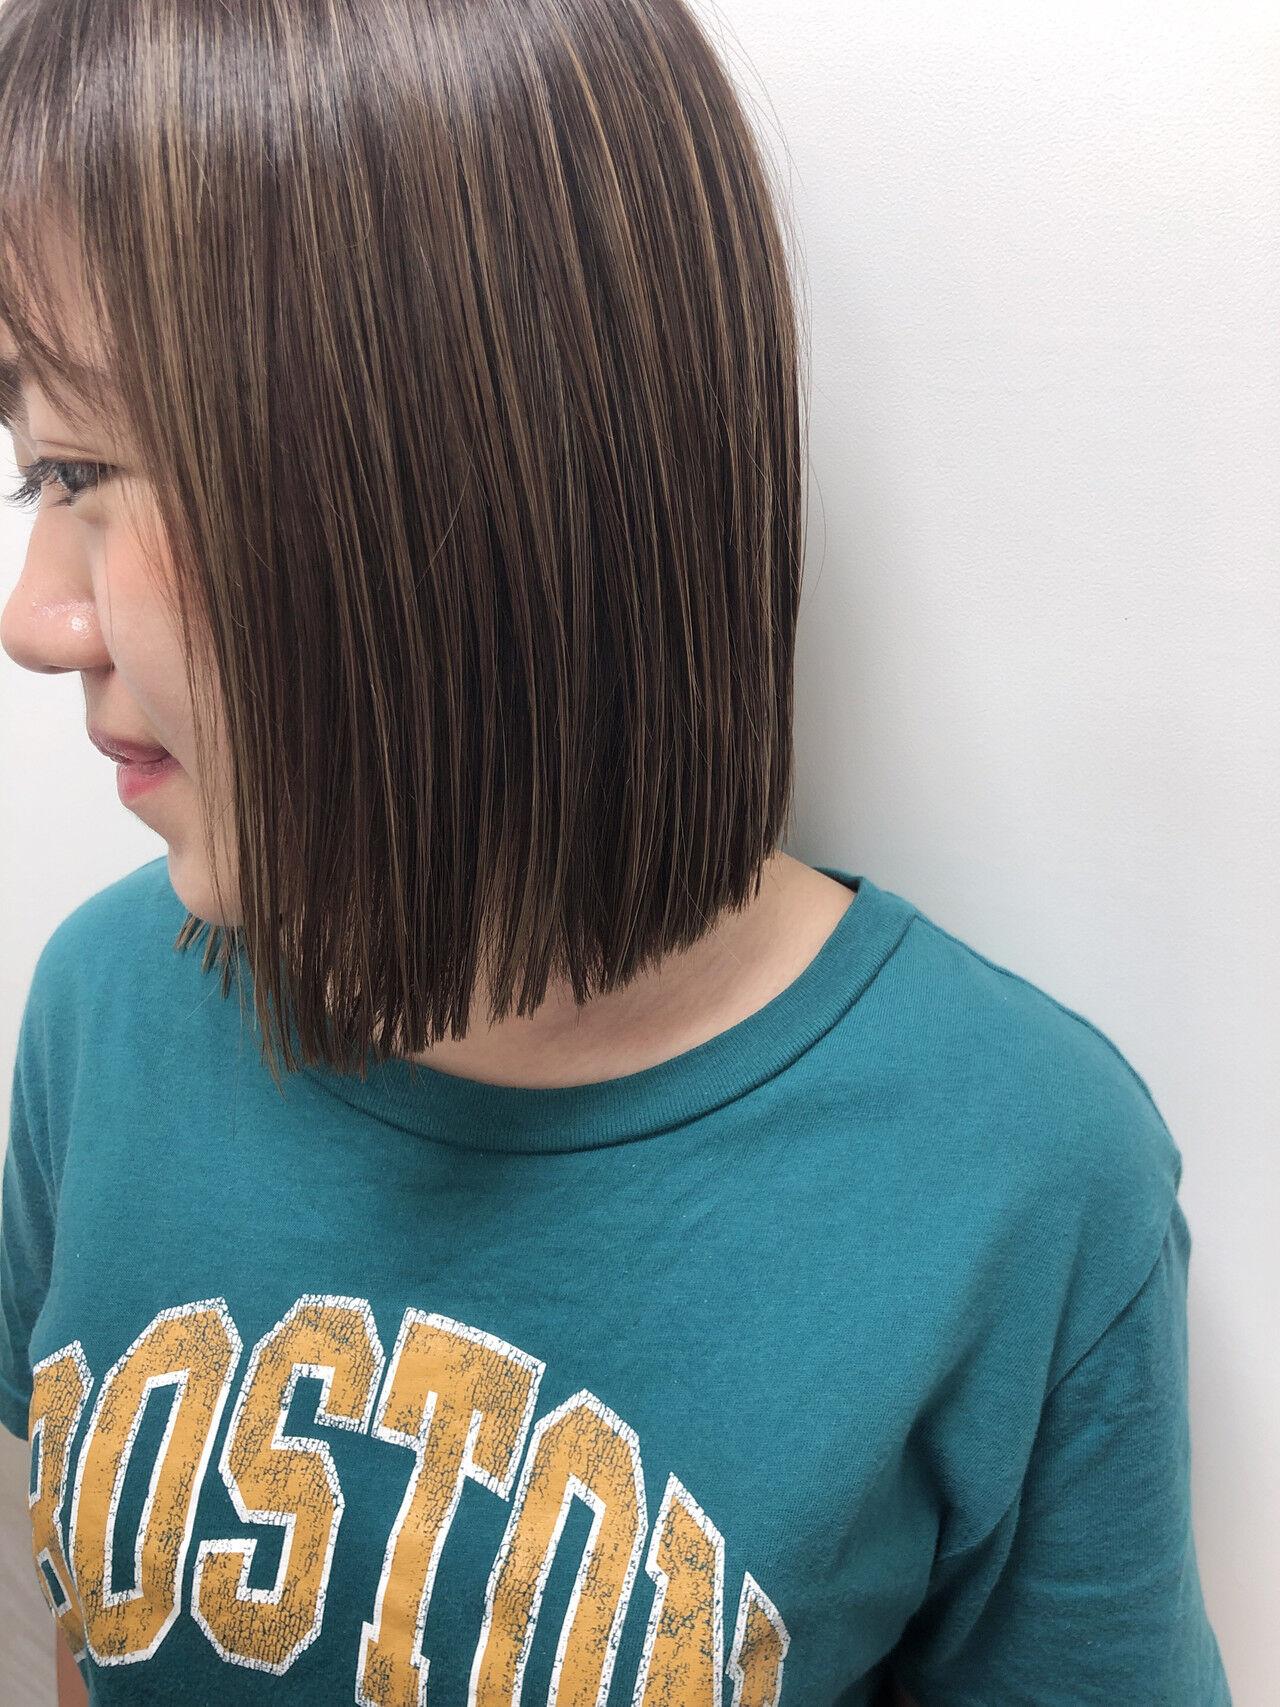 ナチュラル 透明感カラー ハイライト 切りっぱなしボブヘアスタイルや髪型の写真・画像